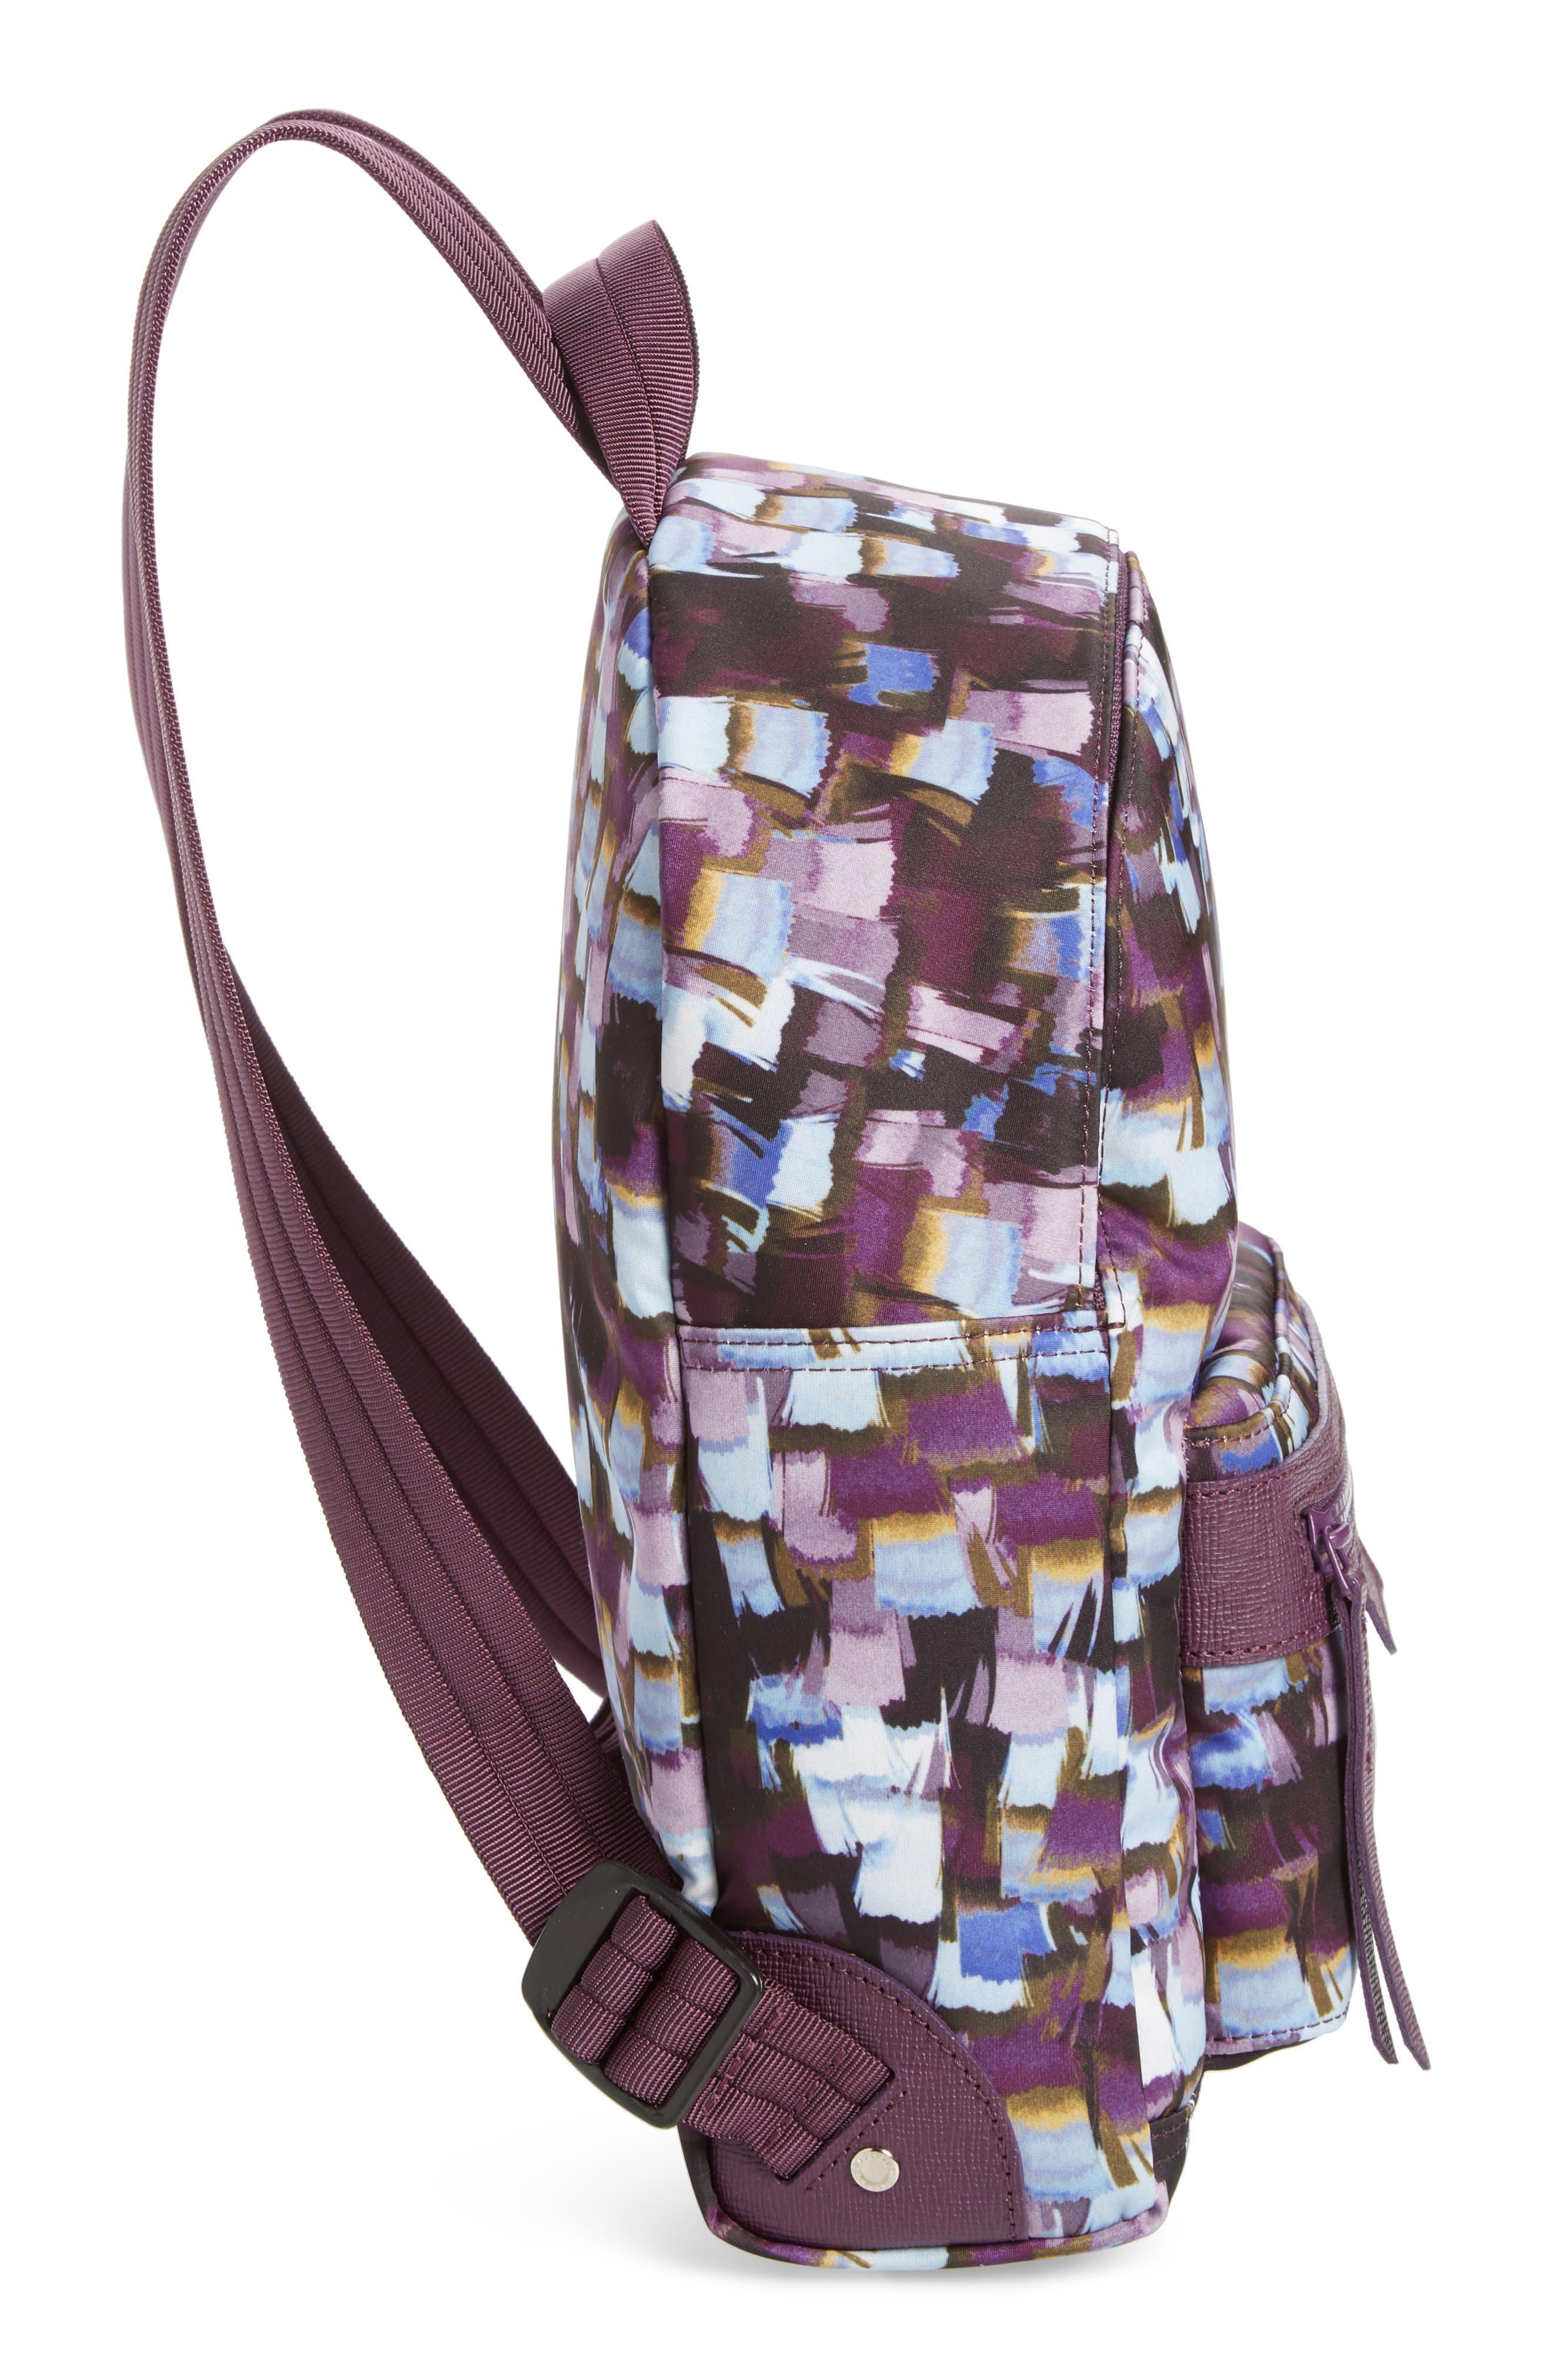 Le Pliage Neo - Vibrations Nylon Backpack,                             Alternate thumbnail 4, color,                             Deep Purple